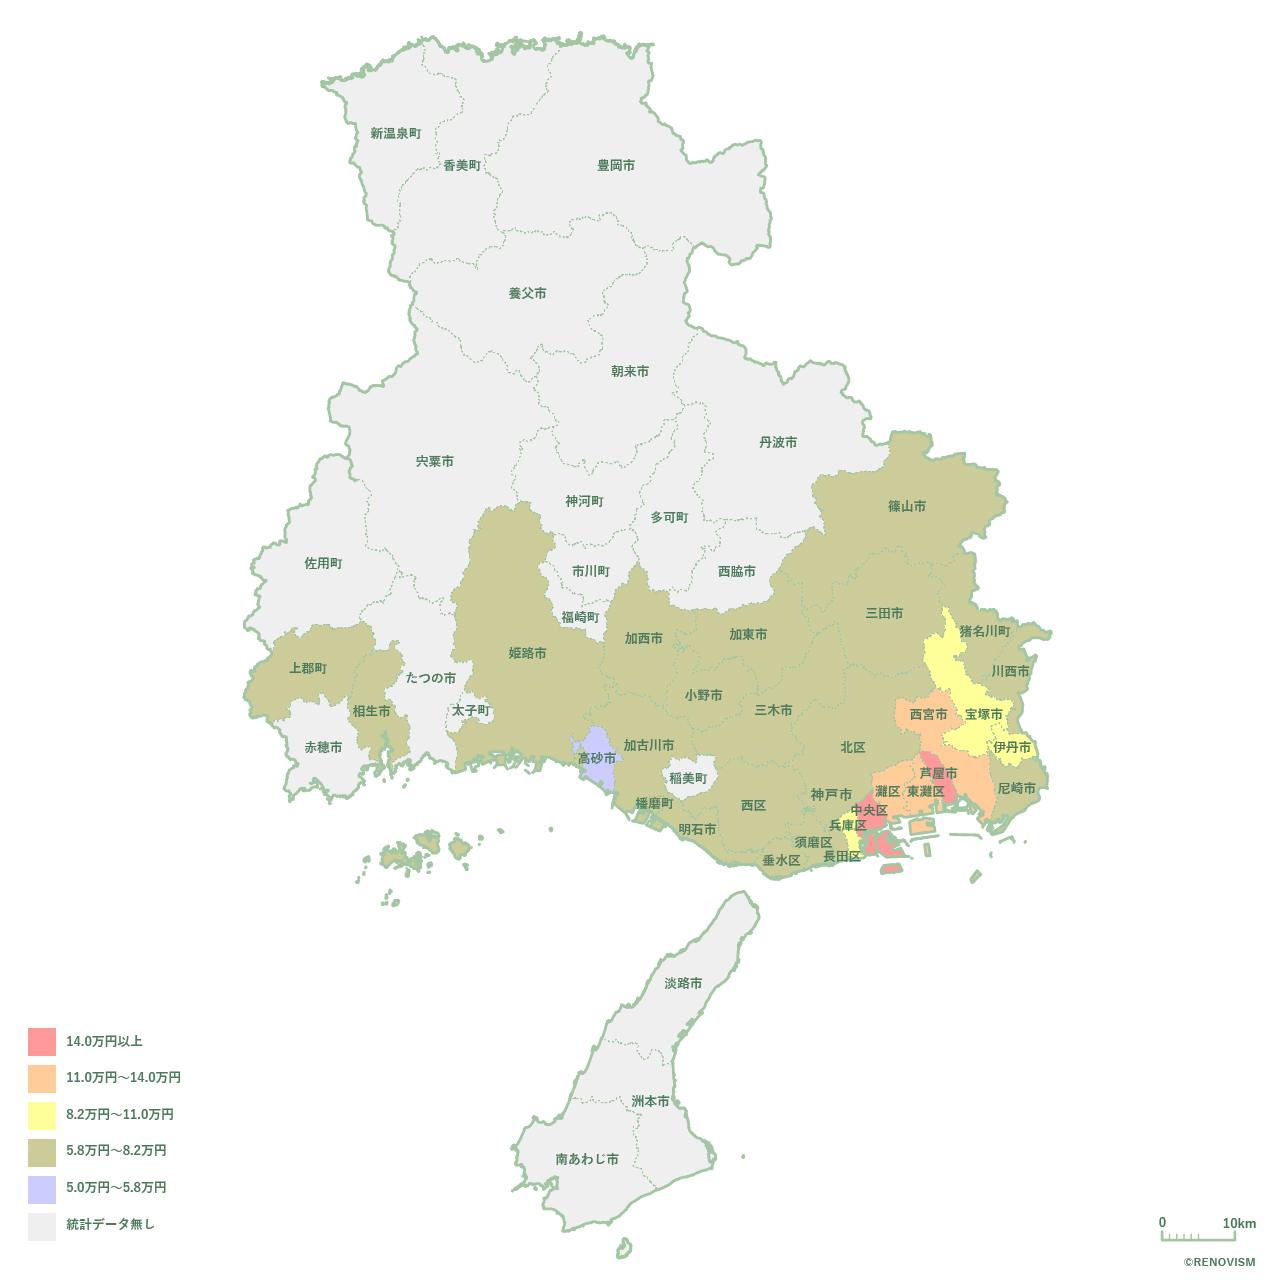 兵庫県の3LDK家賃相場マップ2020年